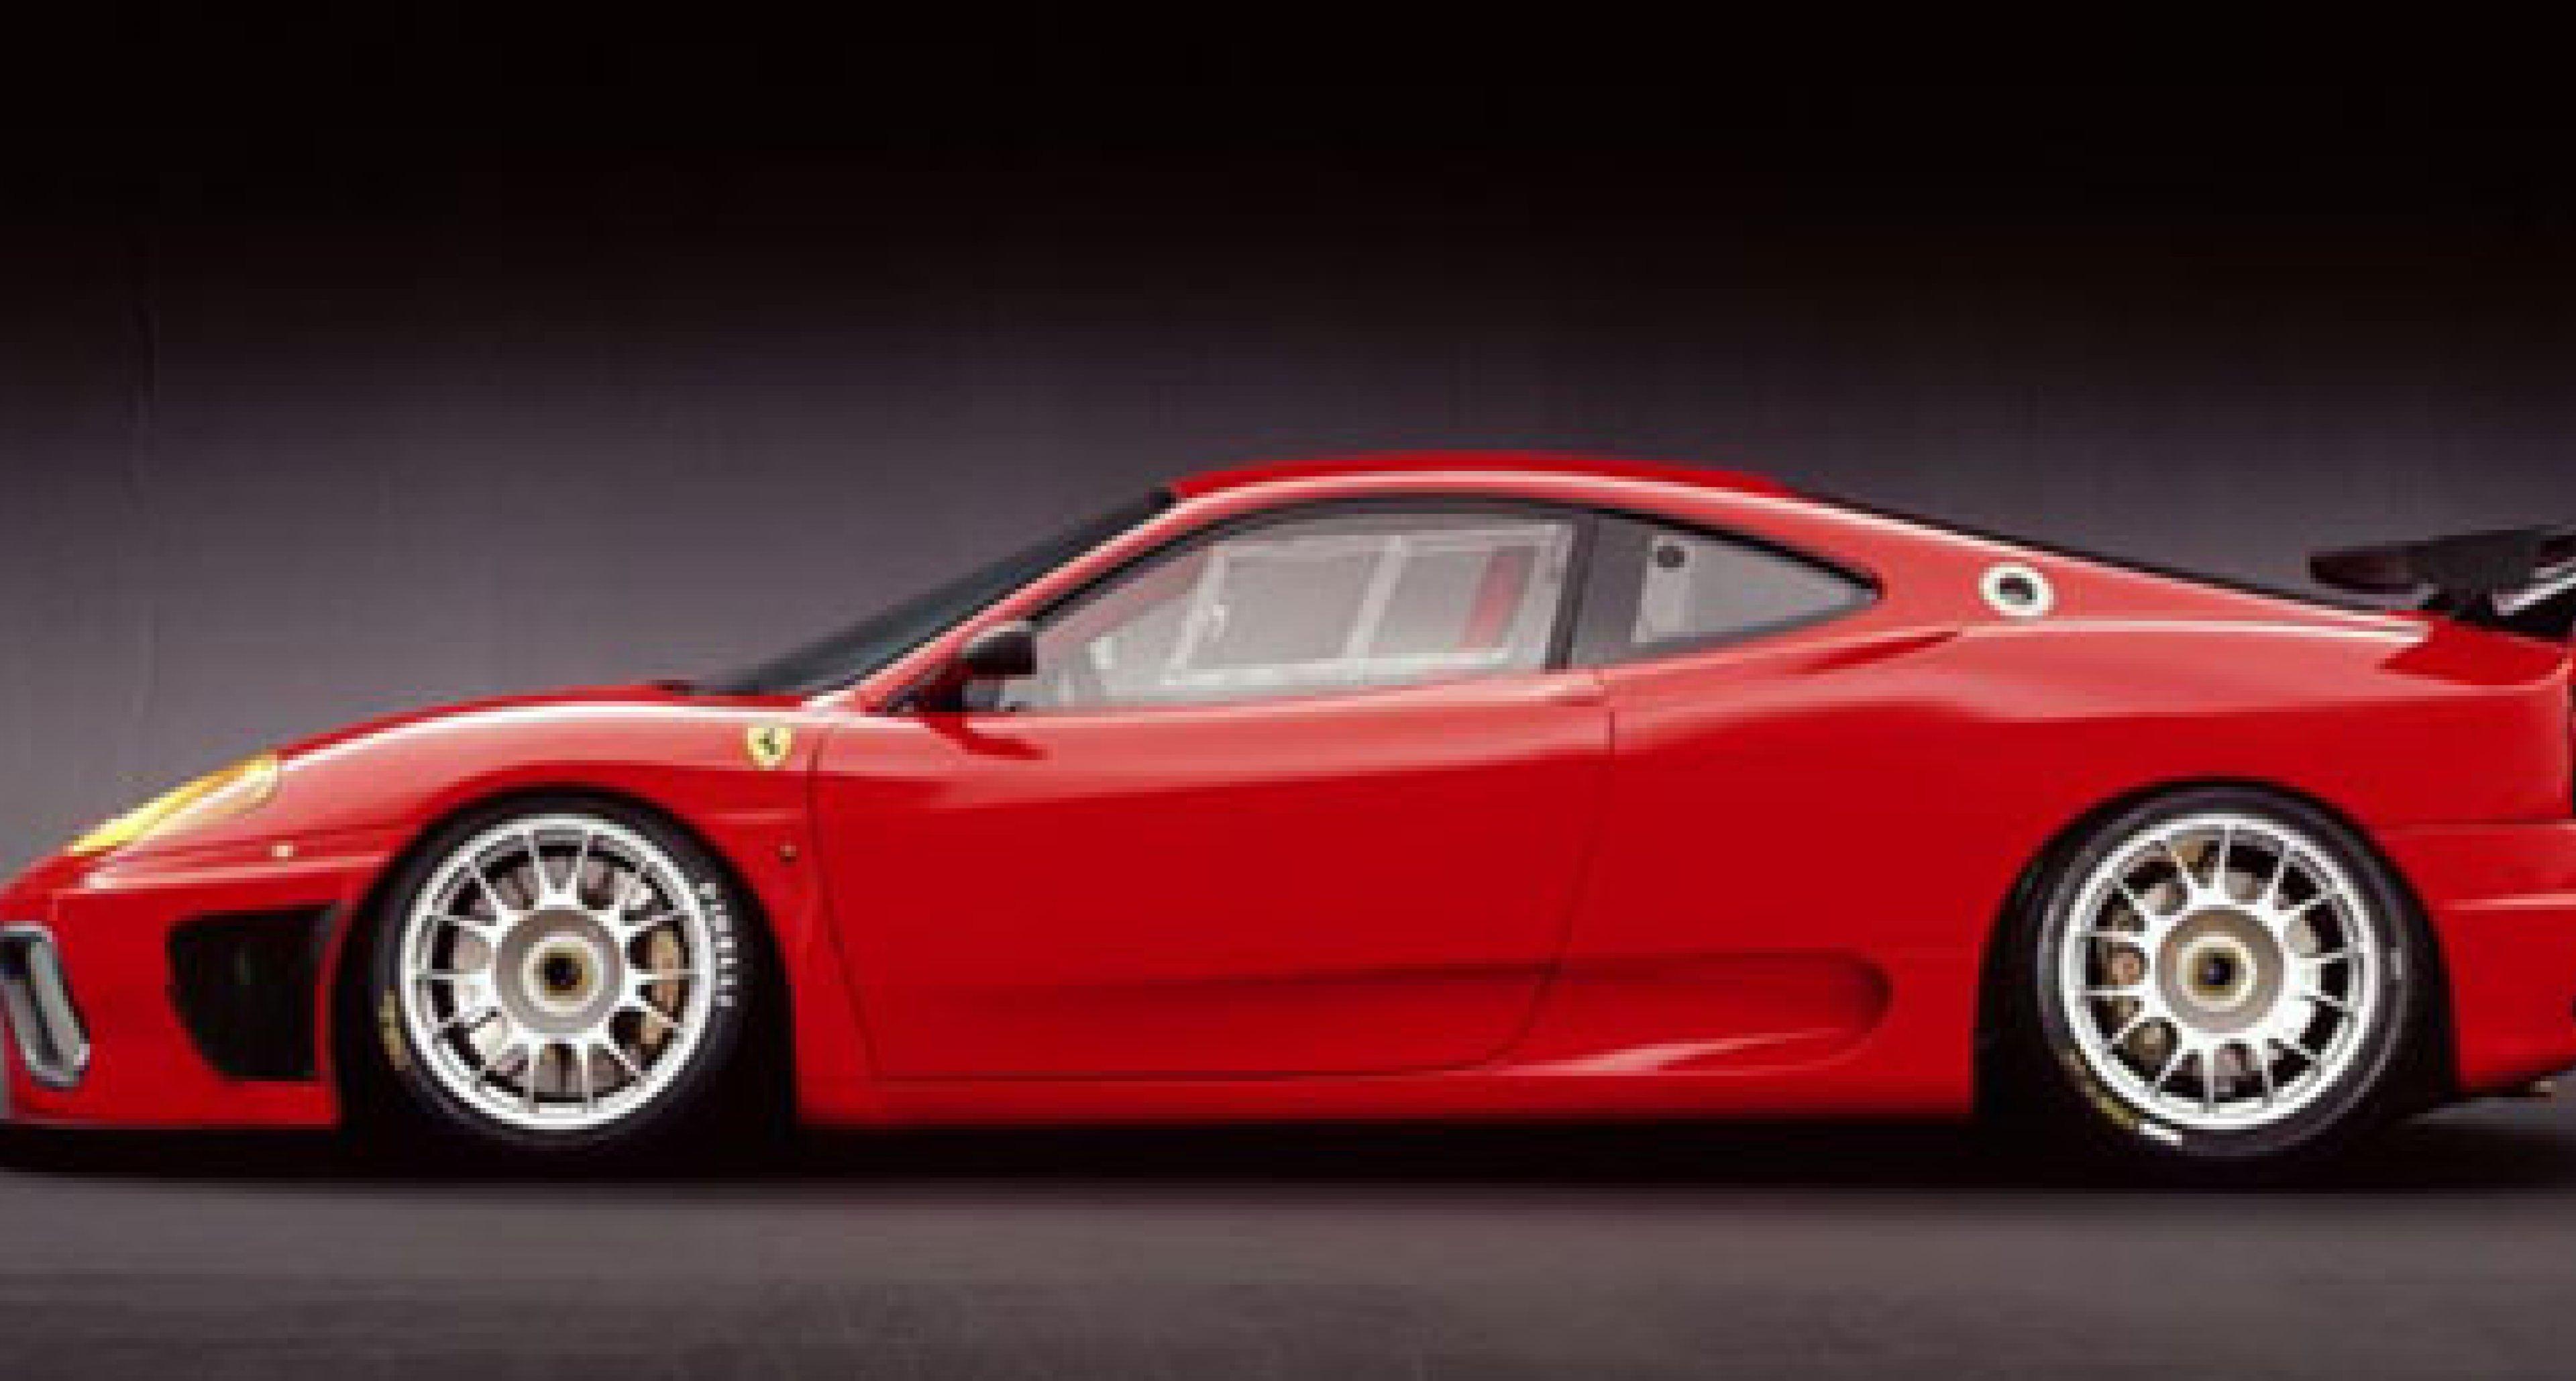 Famous Ferrari Team 'Maranello Concessionaires' returns to racing in 2003